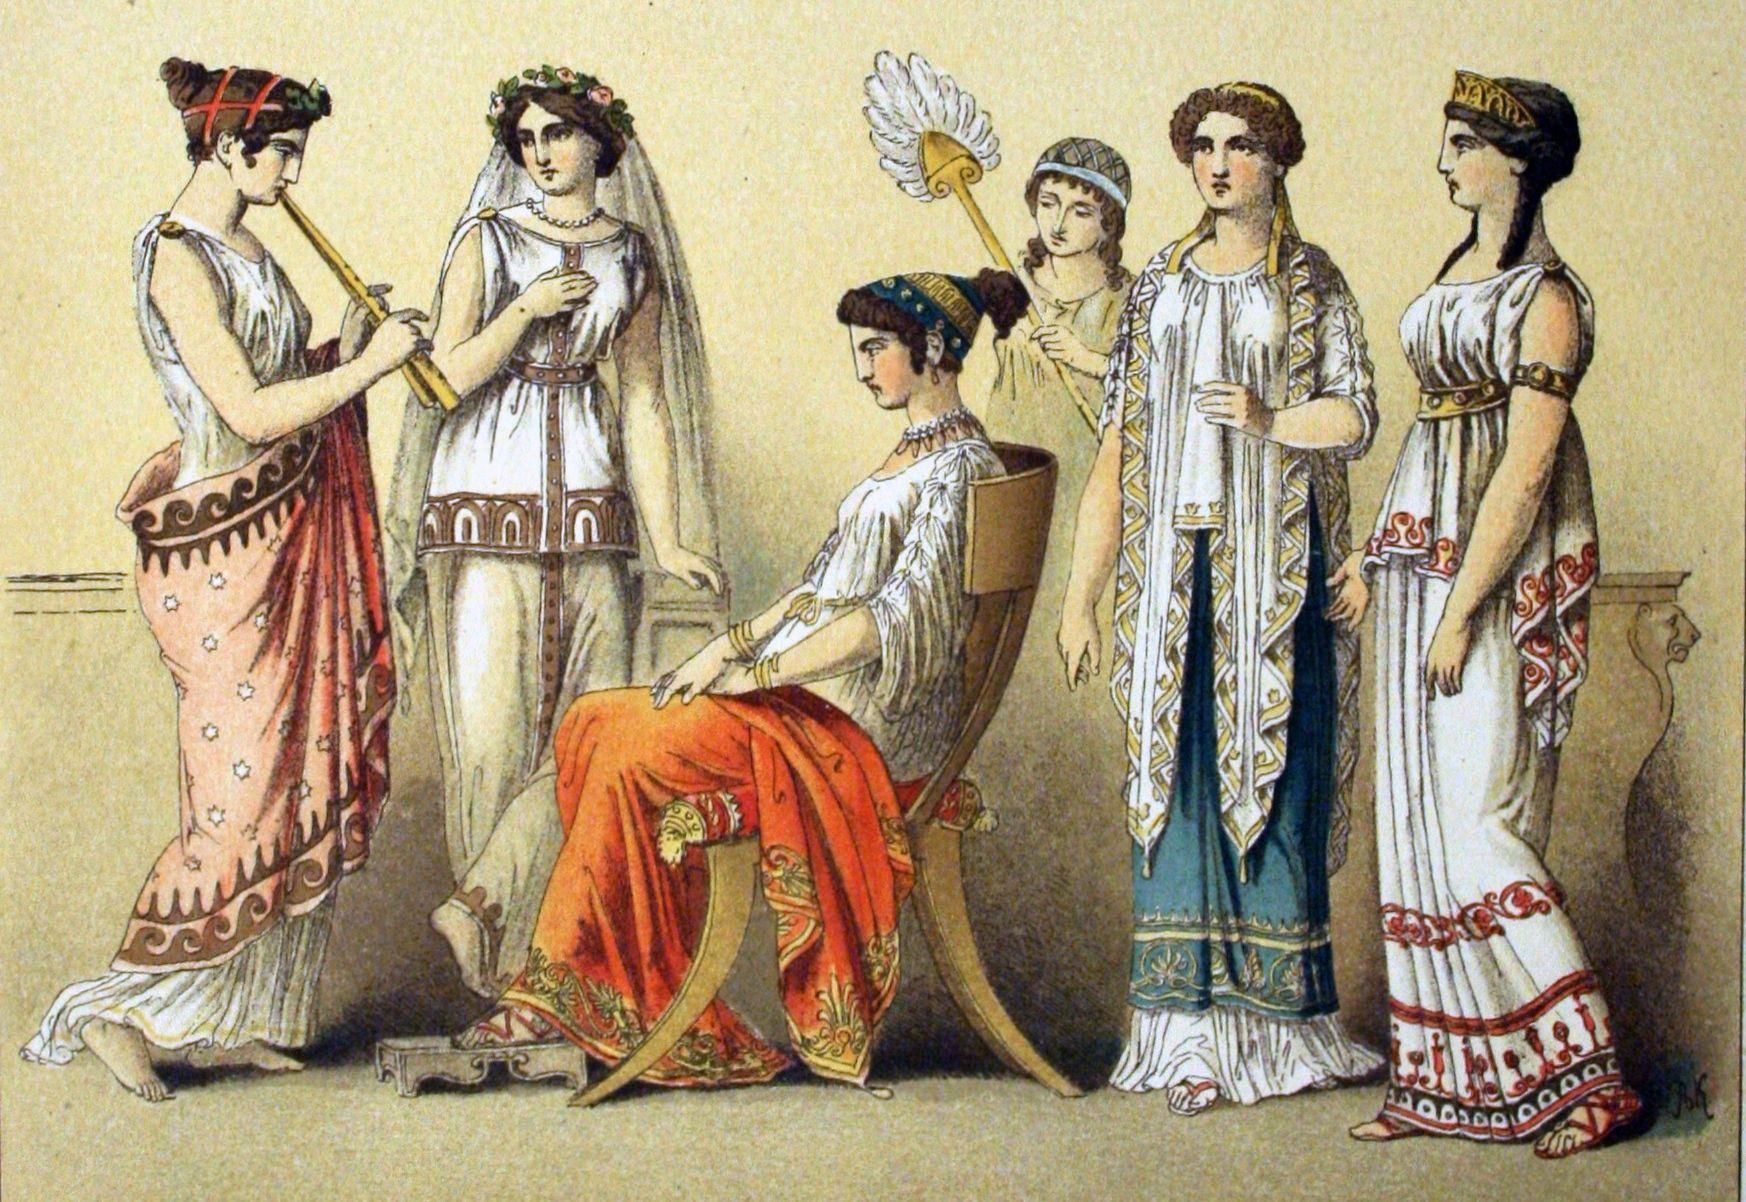 La condizione femminile nell'antica Grecia – ricerca storica di Giovanni Teresi